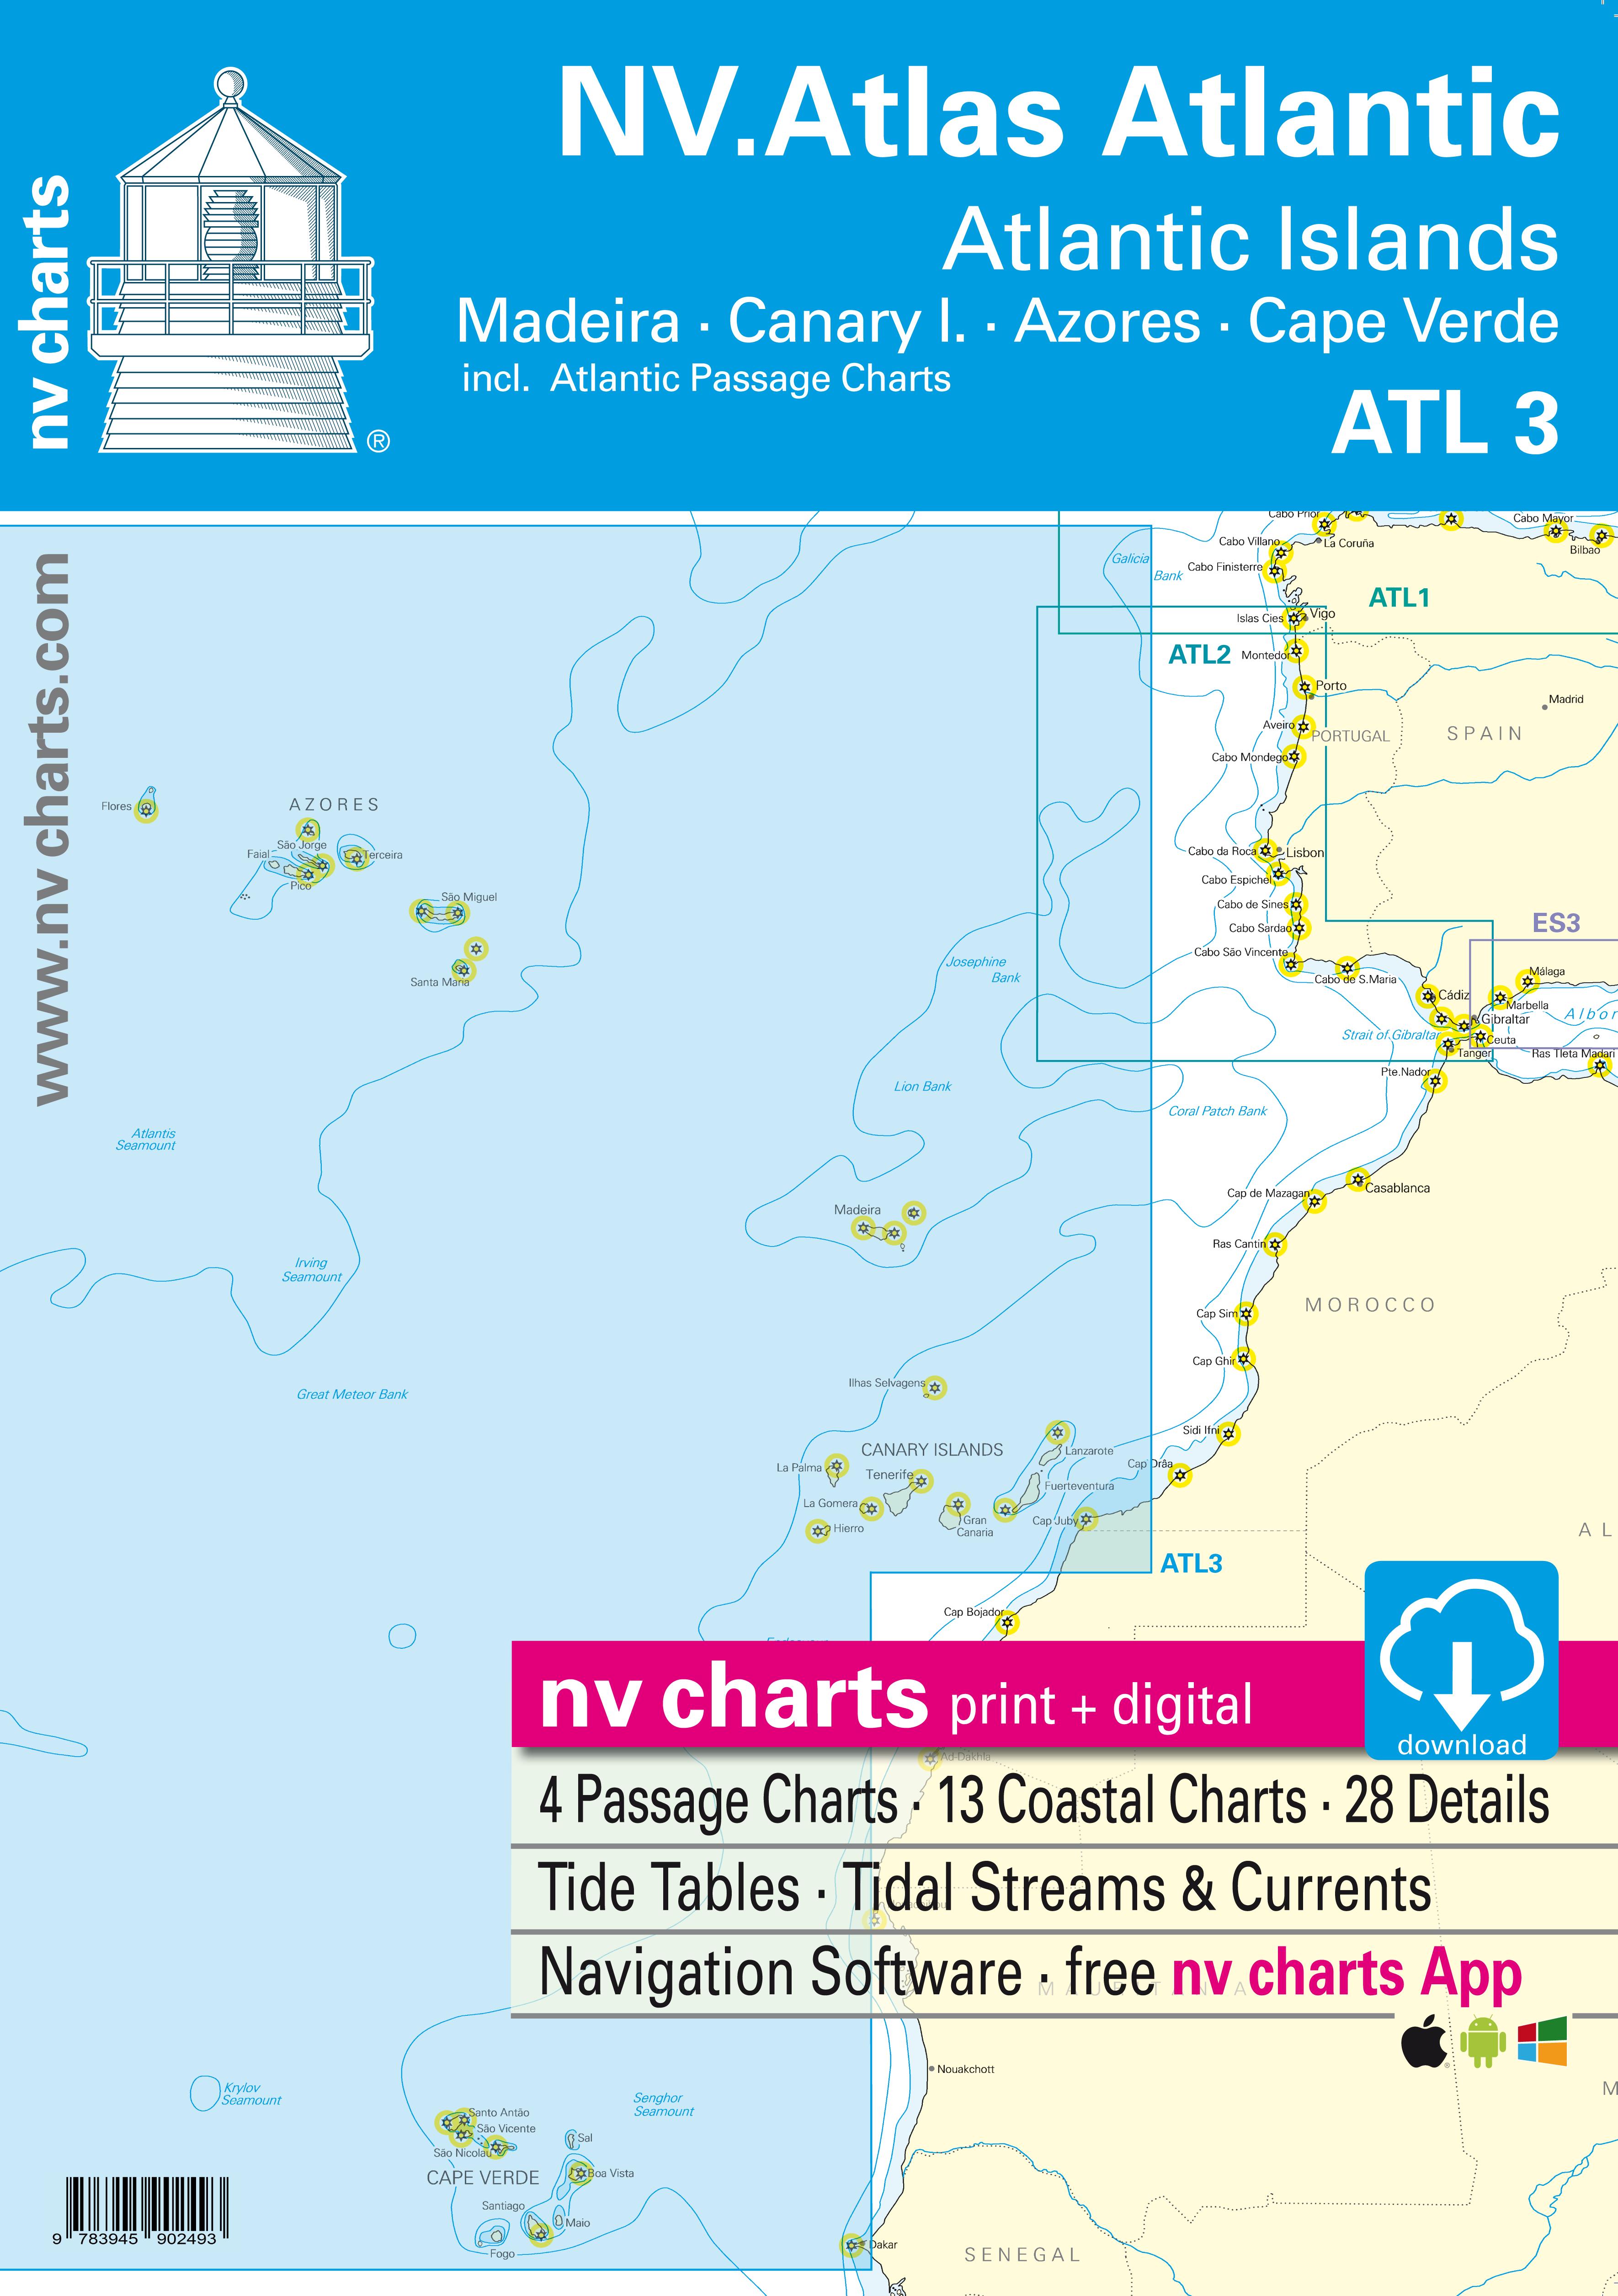 Nv Atlas Atlantic Atl 3 Atlantic Islands Madeira Canary Islands Azores Cape Verde 1506